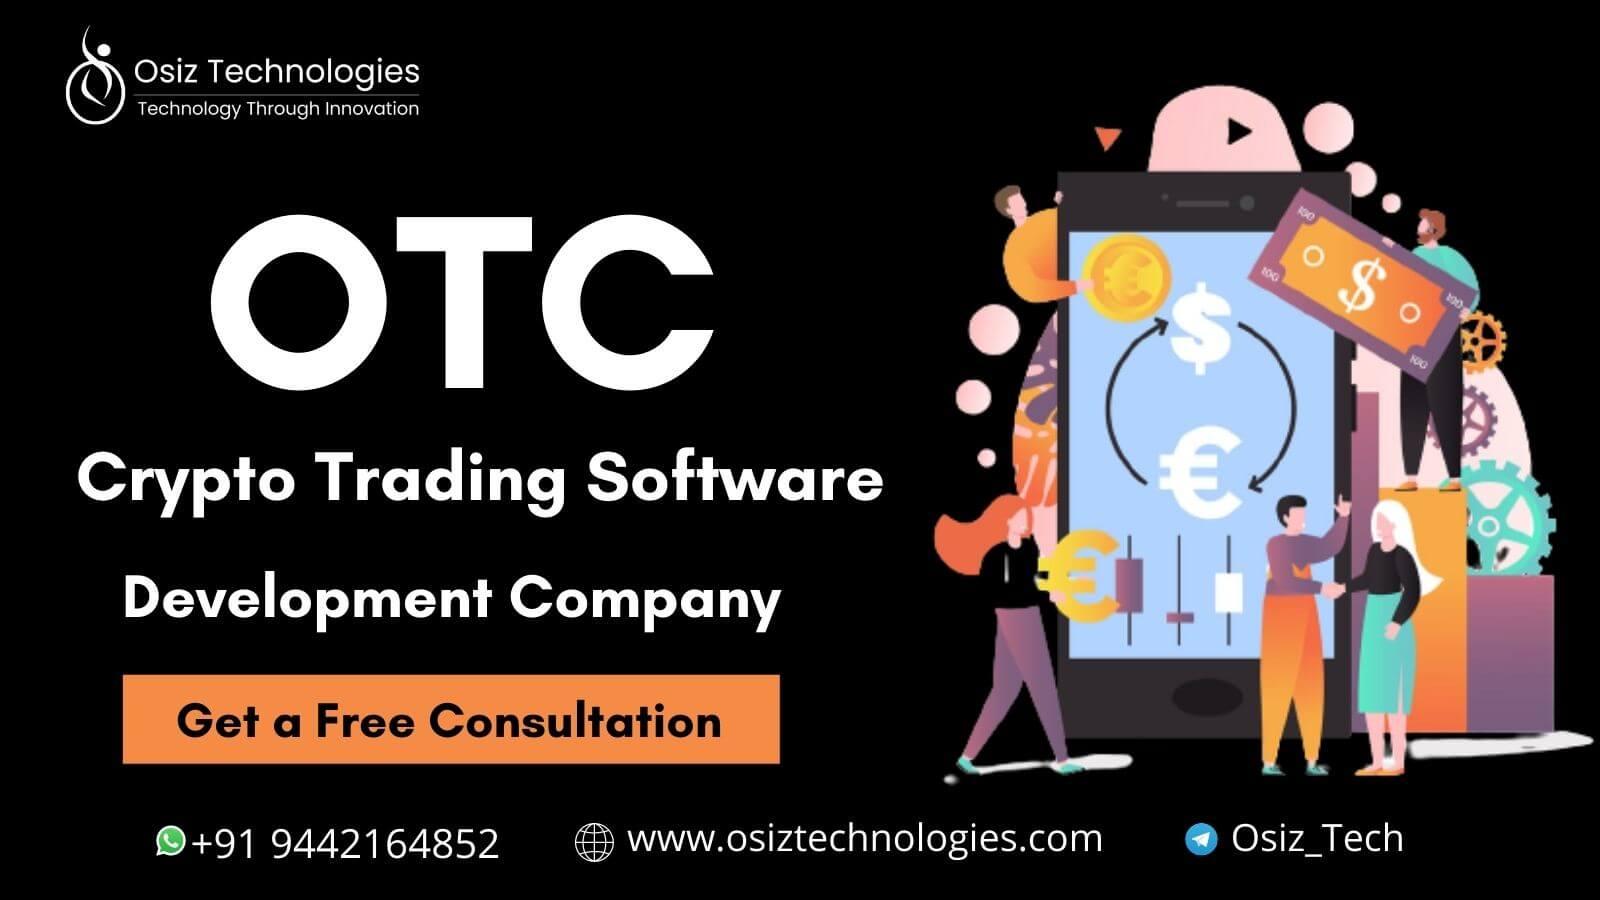 OTC Crypto Trading Software Development Company